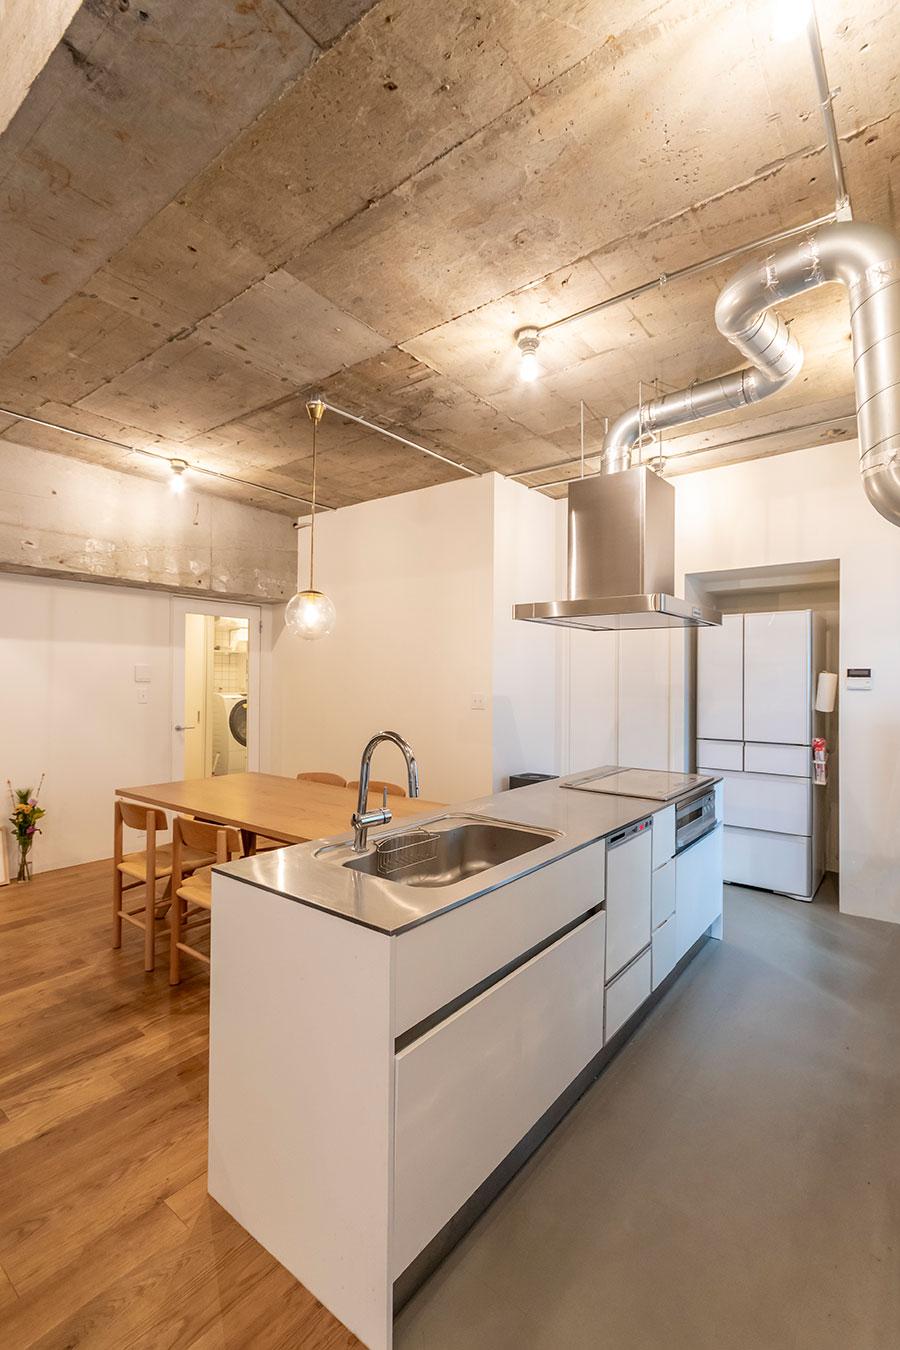 リビング床には無垢材、キッチン床にはPタイルを使用。